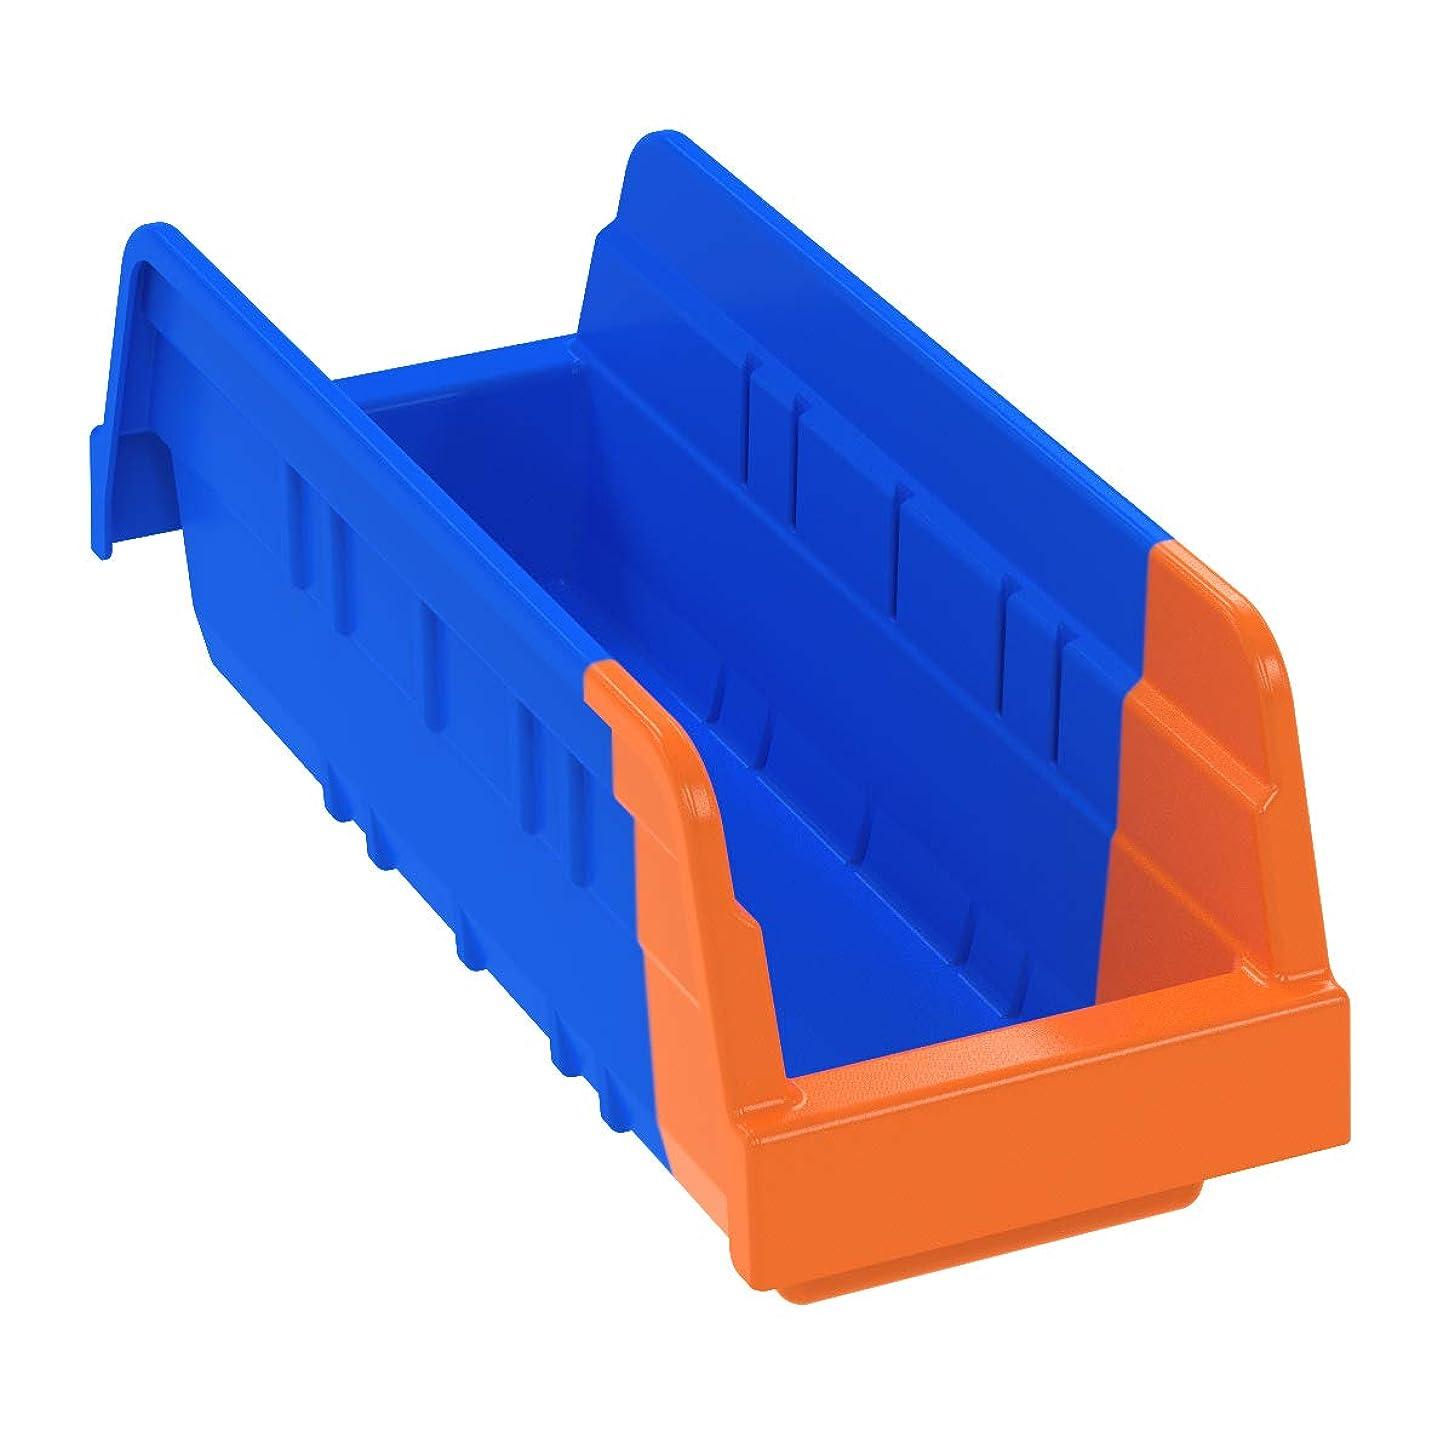 サーフィンストレージブランチakro-mils 36442インジケータ在庫管理ダブルホッパーシェルフBin、11?–?5?/ 8インチ長さ4?–?1?/ 4インチby幅by 4インチ高さ、ブルー/オレンジ、24のケース